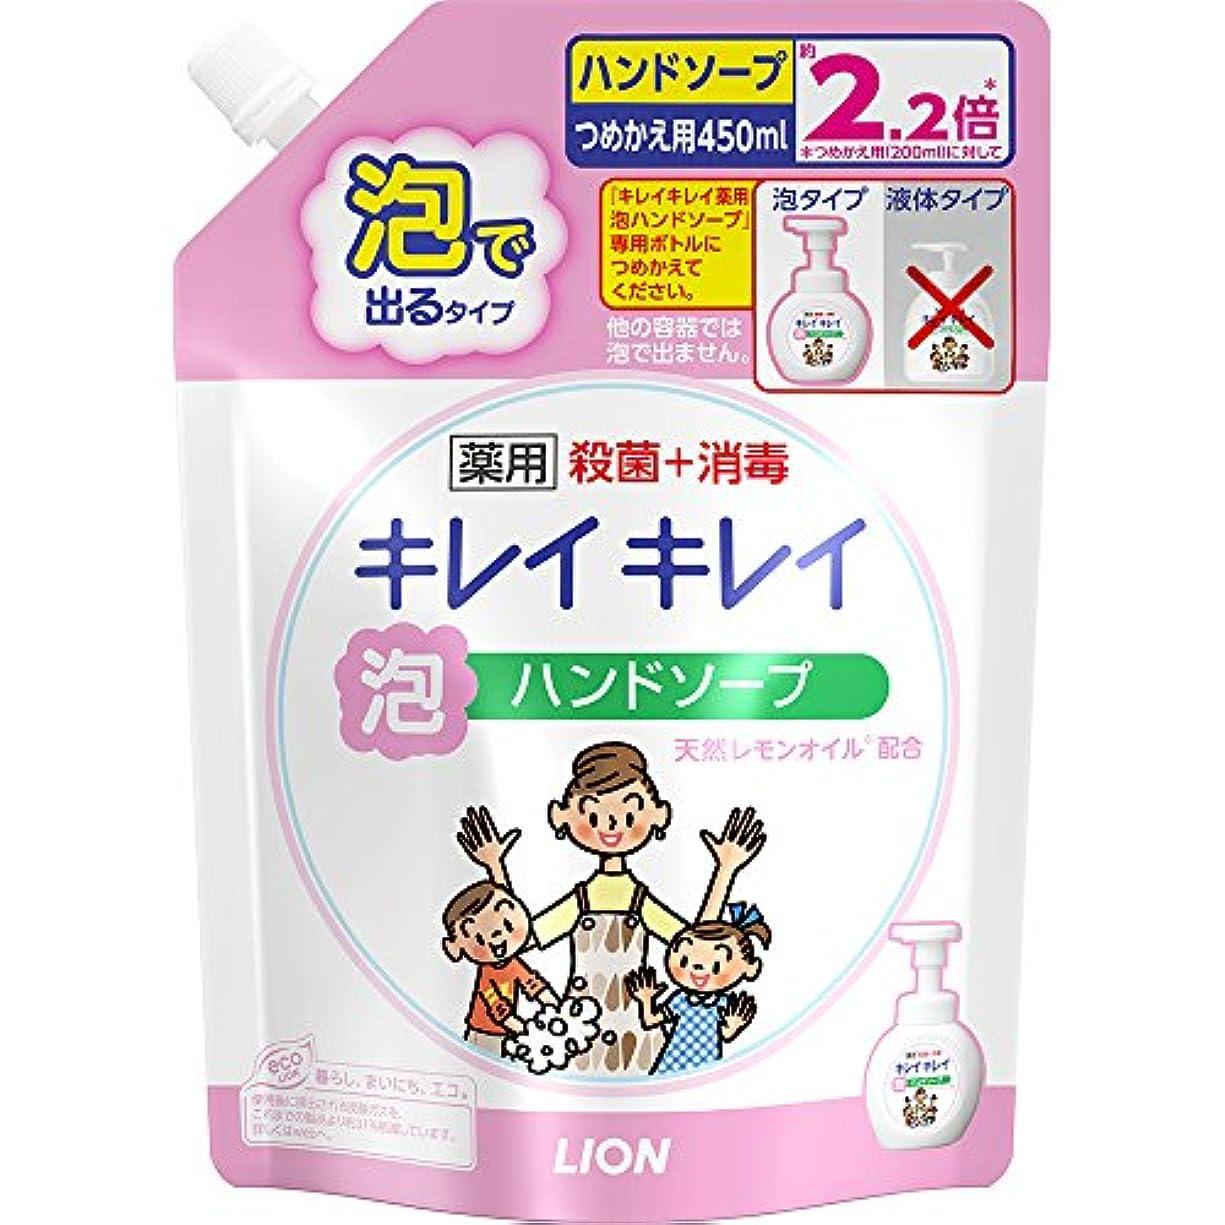 証明素晴らしき純度キレイキレイ 薬用 泡ハンドソープ シトラスフルーティの香り 詰め替え 450ml(医薬部外品)